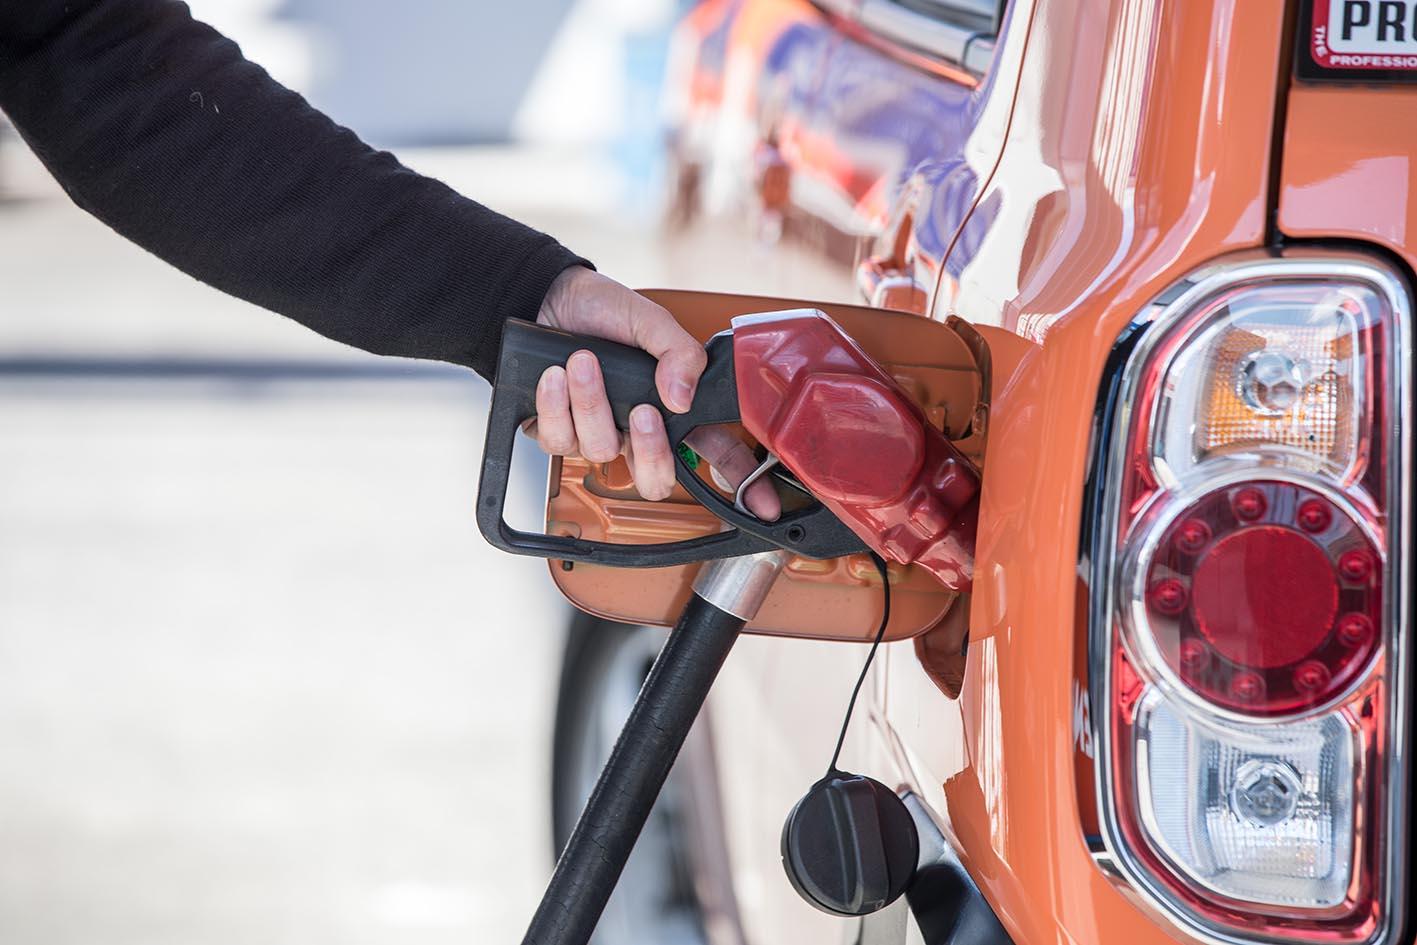 【画像ギャラリー】セルフスタンドは特に注意 間違えると危険!! 給油する時に注意すべきこと、タブーを画像で見る